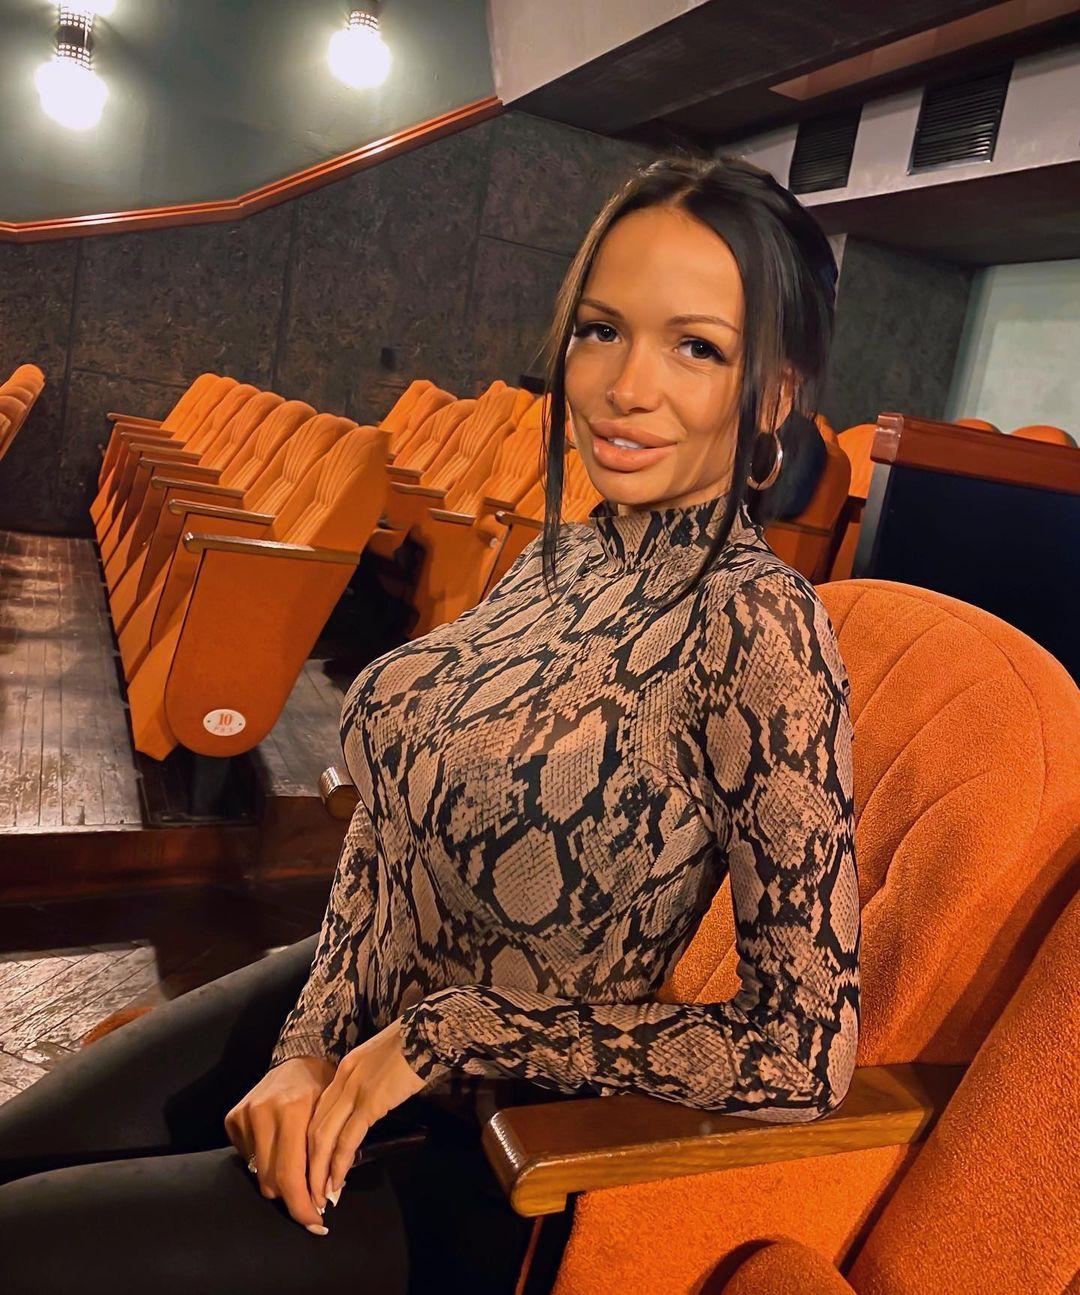 Aleksandra-Glavatskaya-Wallpapers-Insta-Fit-Bio-3